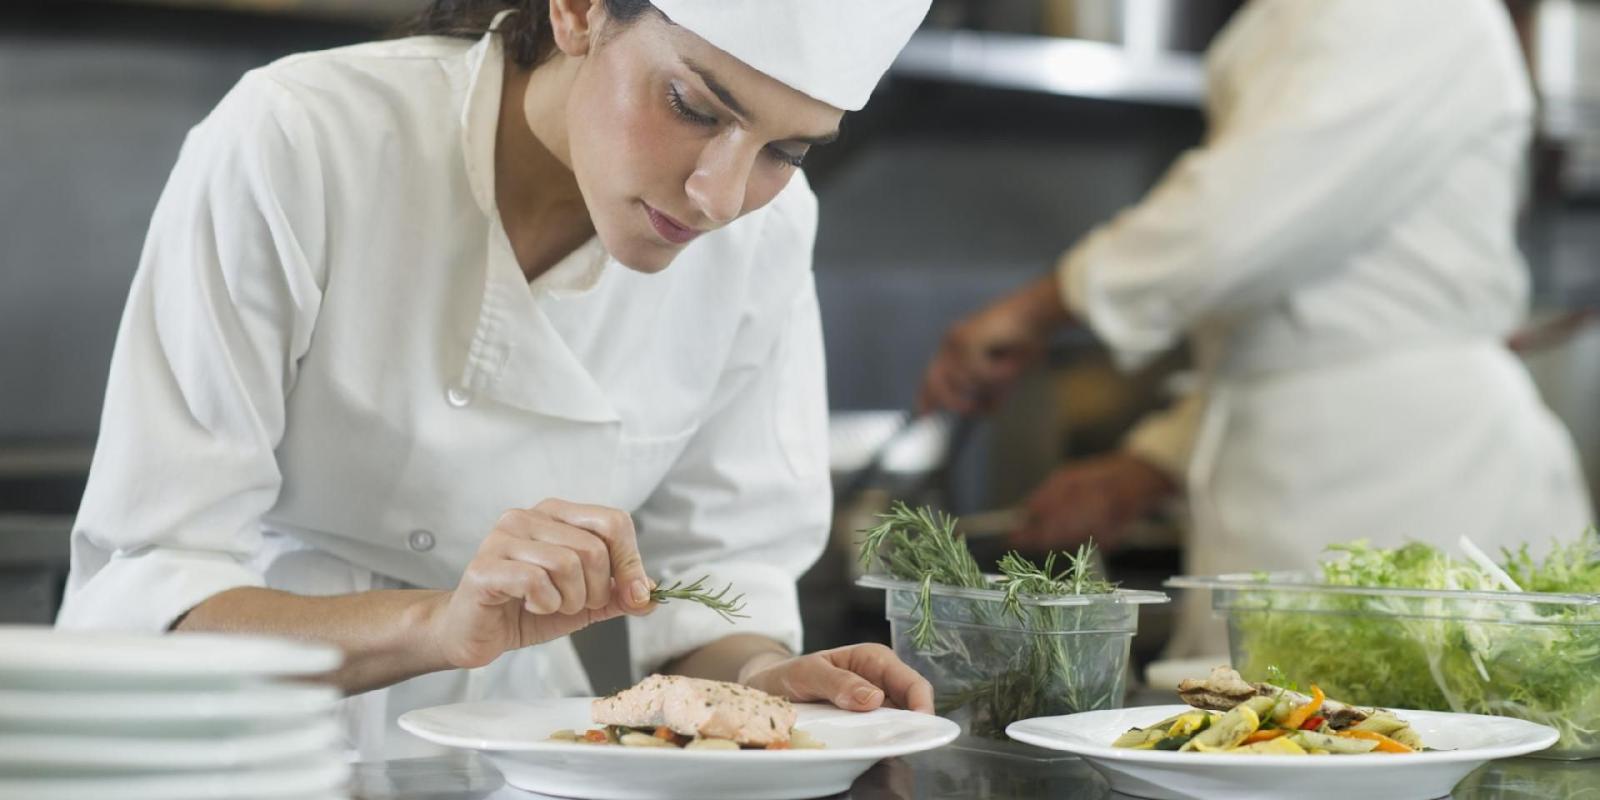 ¿Los chefs empiezan a repudiar las estrellas michelin?